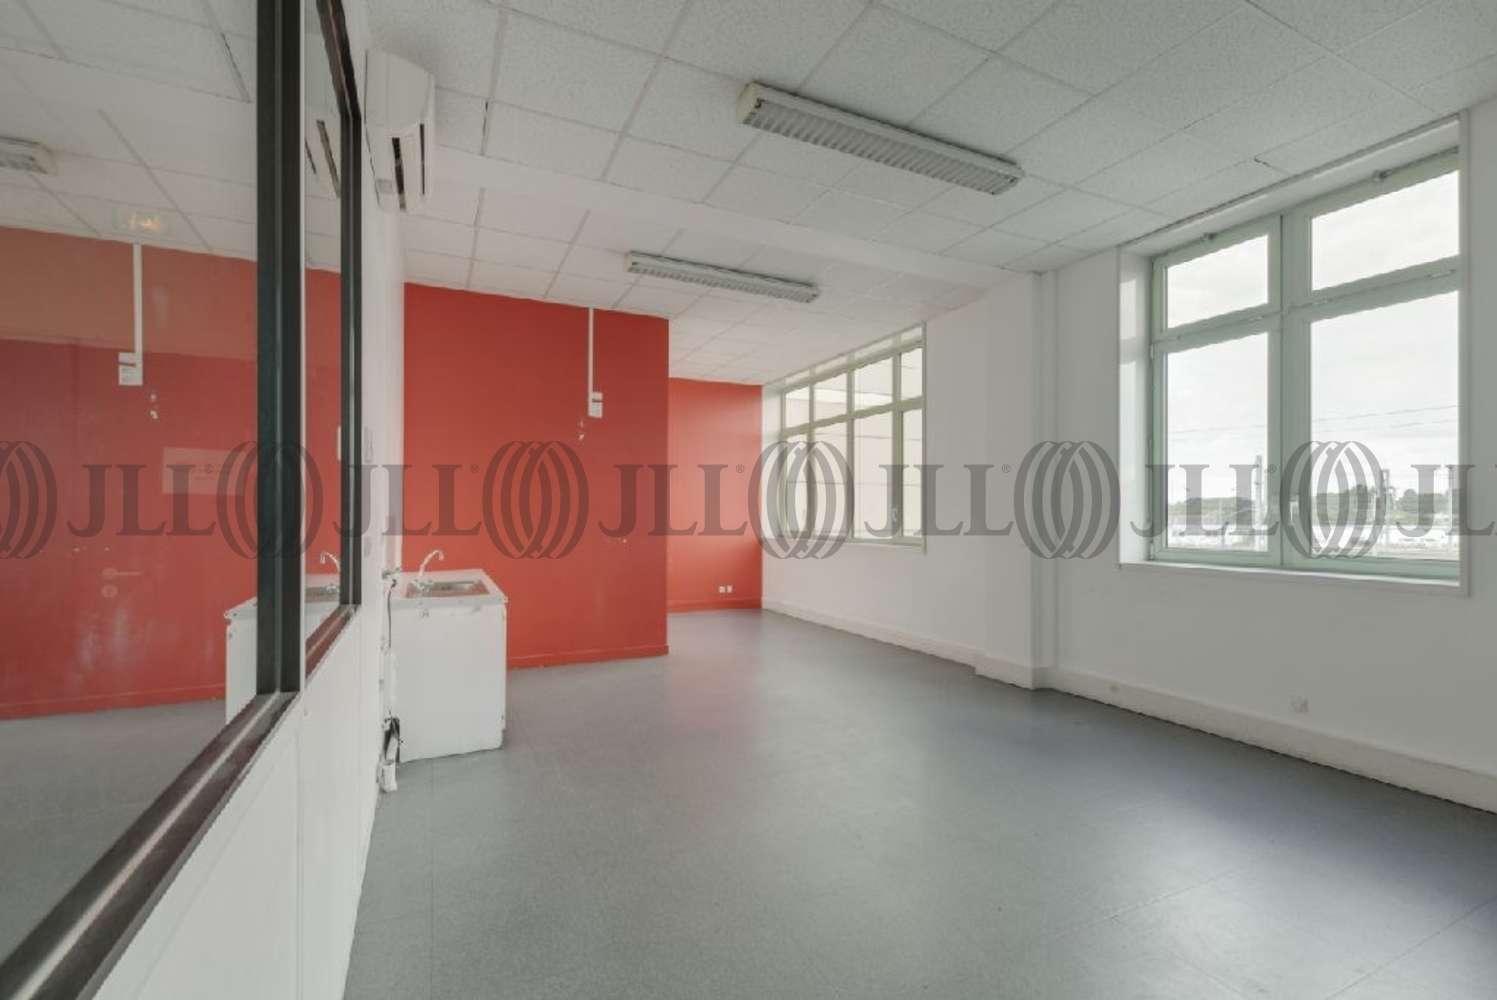 Activités/entrepôt Pantin, 93500 - PARC DELIZY